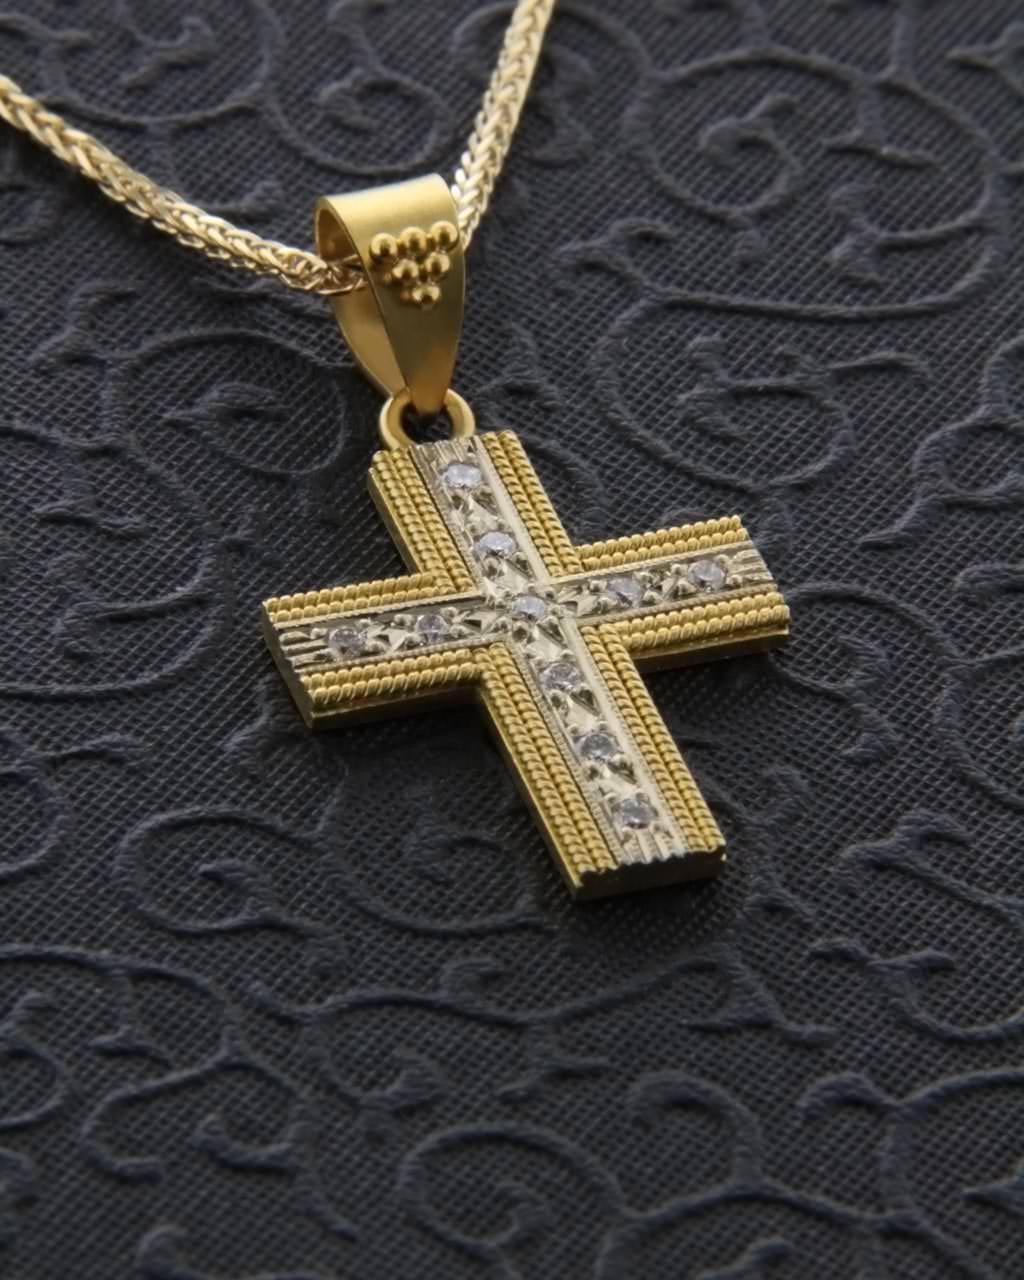 Χειροποίητος σταυρός χρυσός Κ22 με Διαμάντια   νεεσ αφιξεισ κοσμήματα γυναικεία